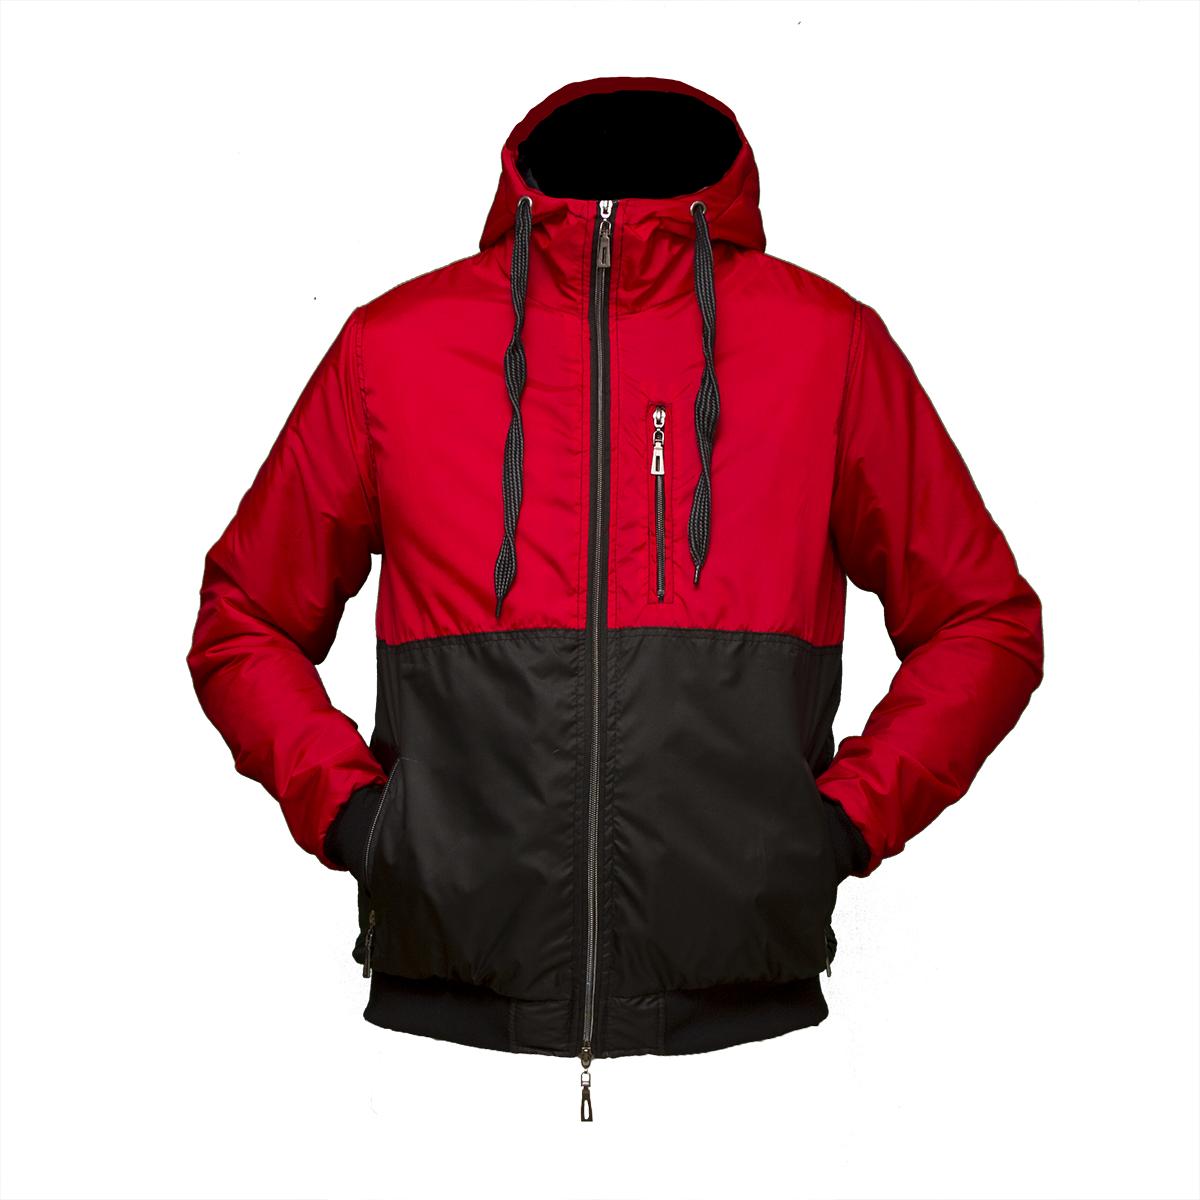 6e45d292078 Мужская красная куртка ветровка пр-во. Украина KD455 оптом и в ...